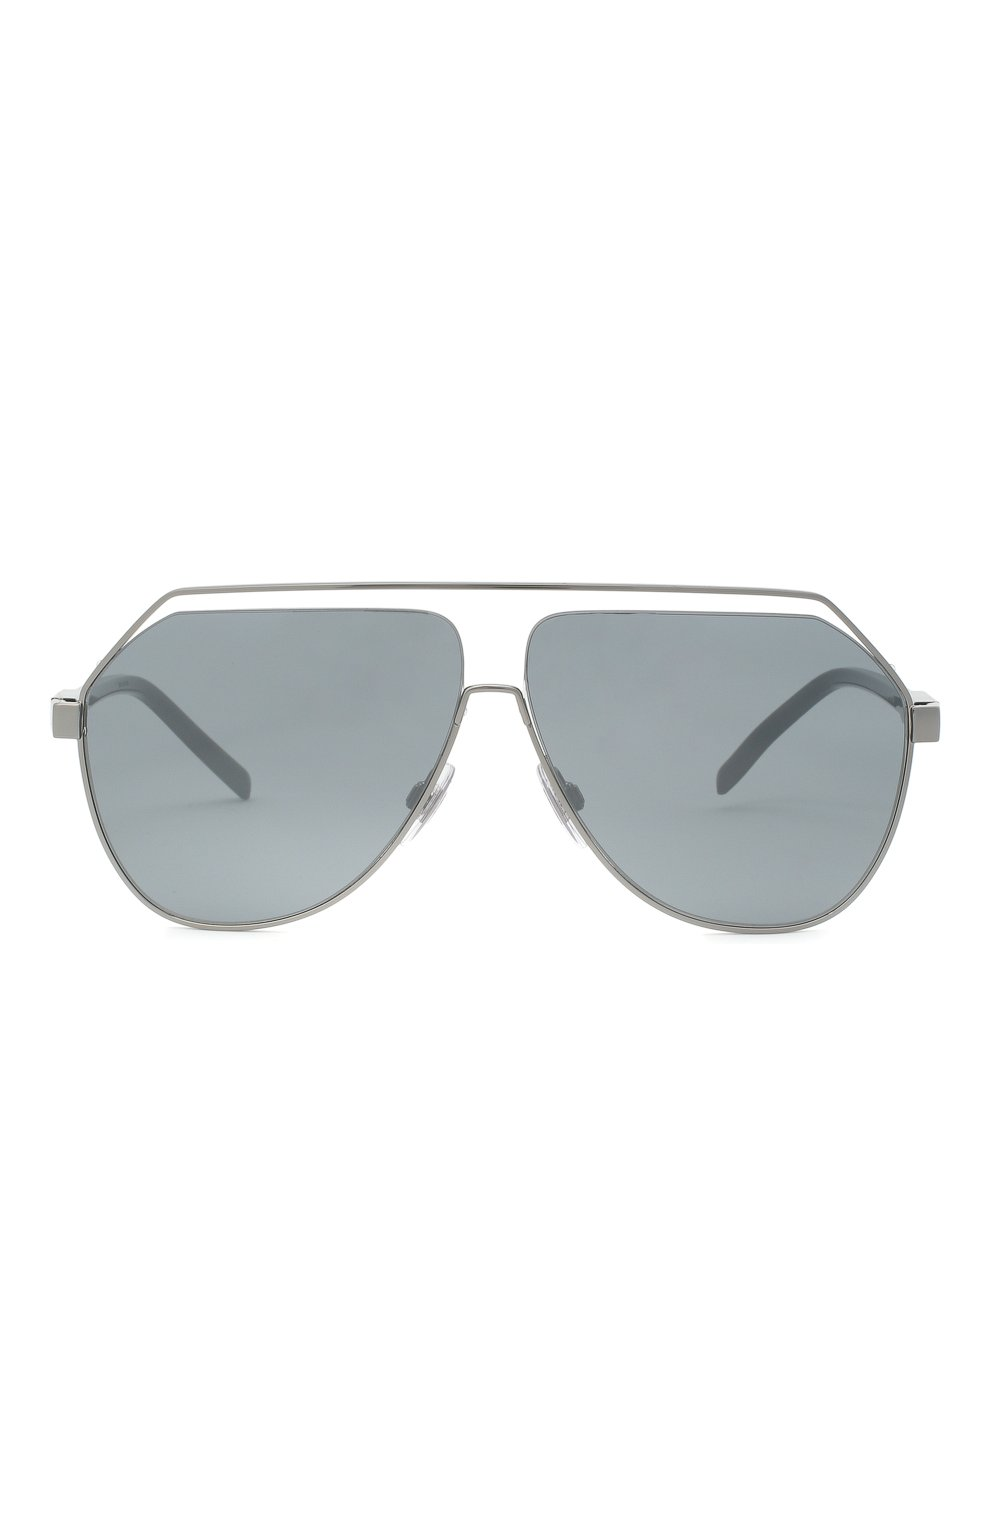 Мужские солнцезащитные очки DOLCE & GABBANA серебряного цвета, арт. 2266-04/6G | Фото 3